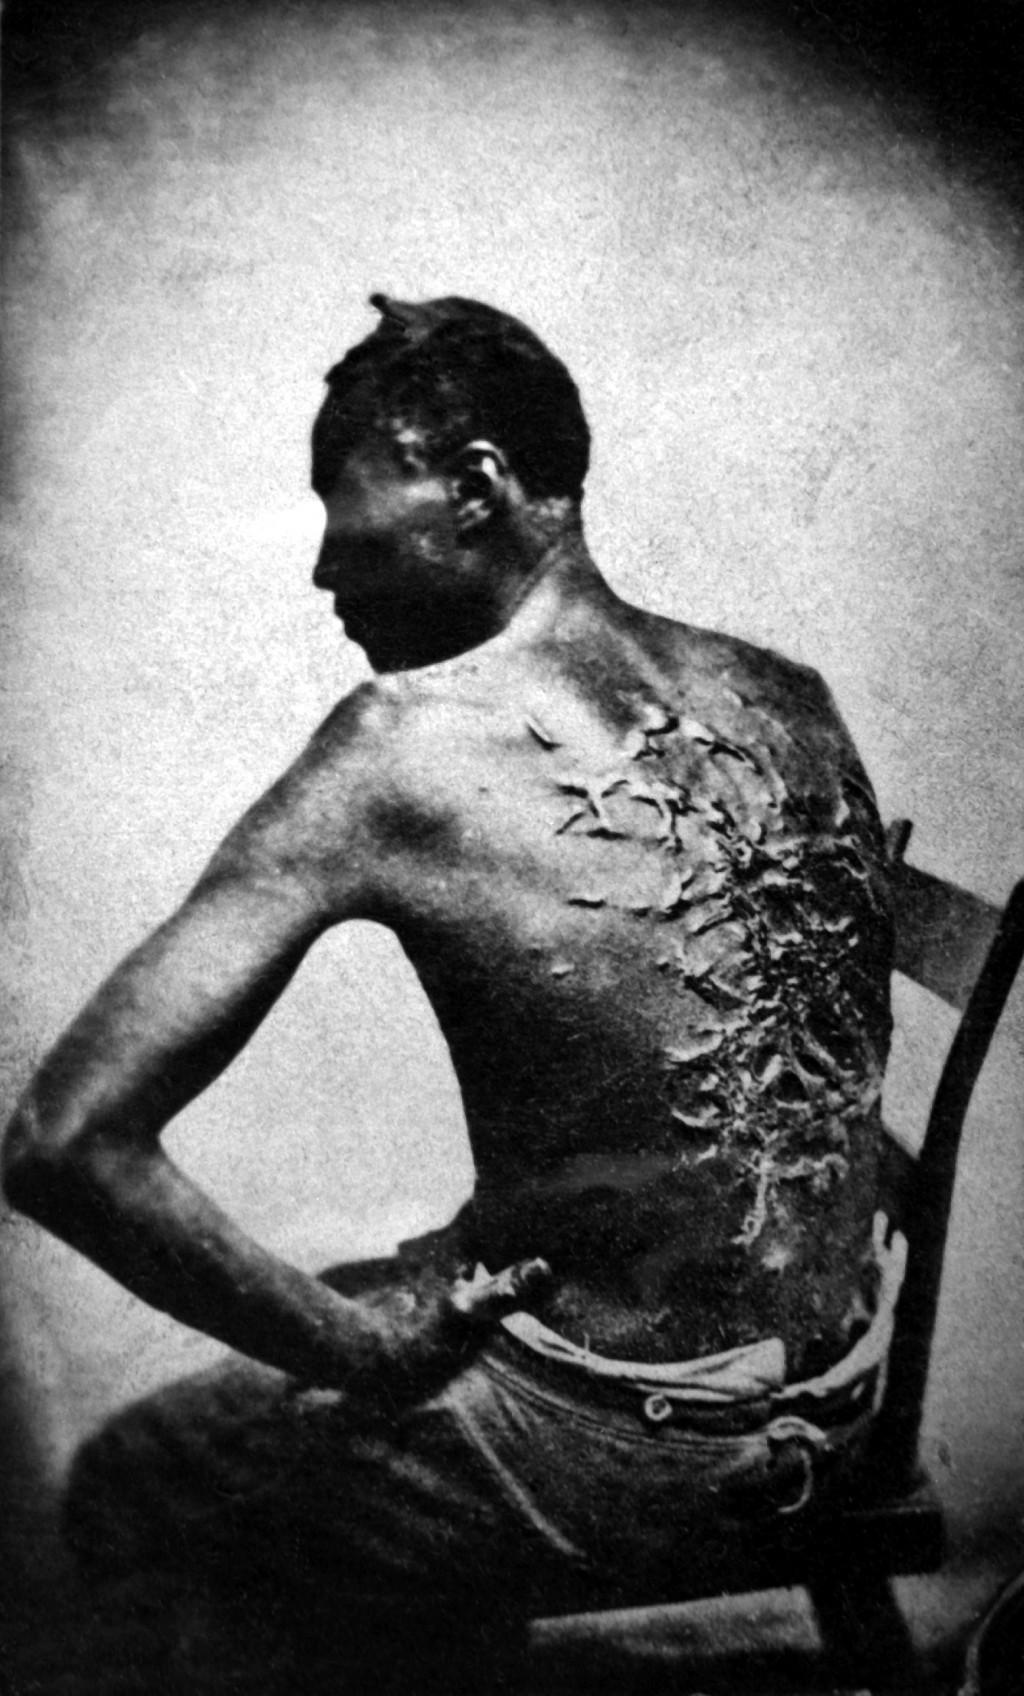 Nude civil war slave videos sexual download